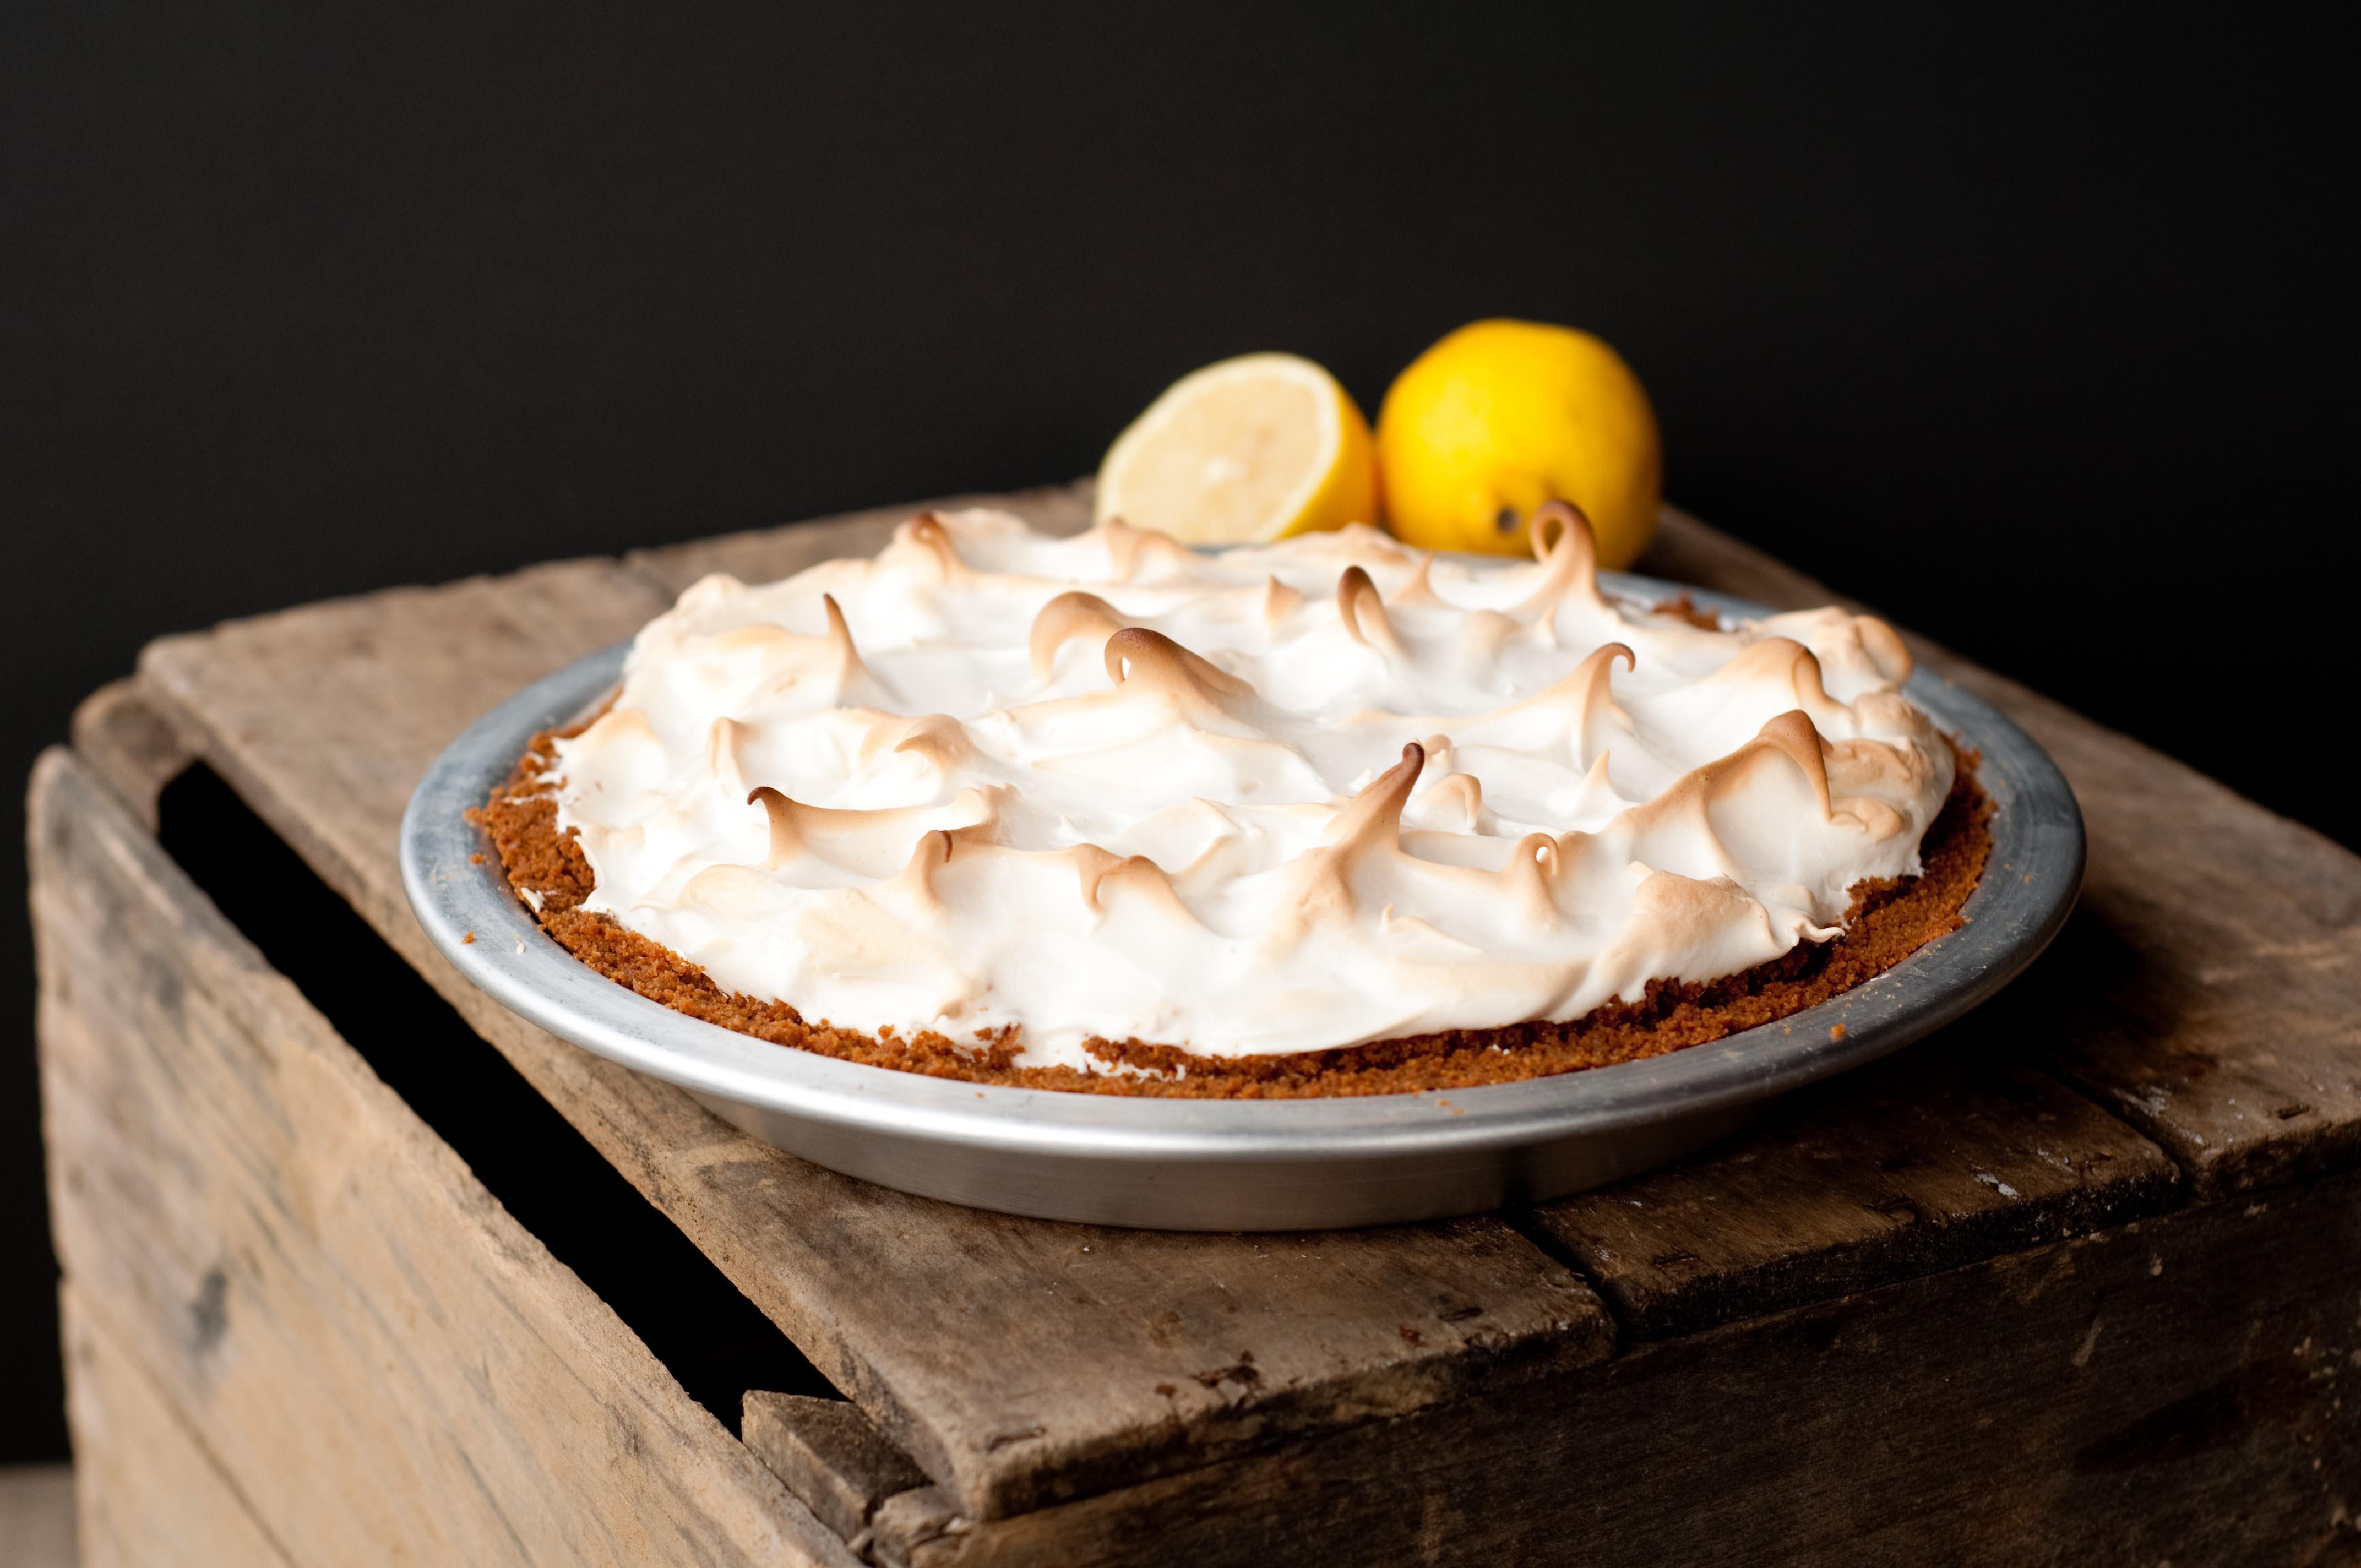 livin the pie life 2